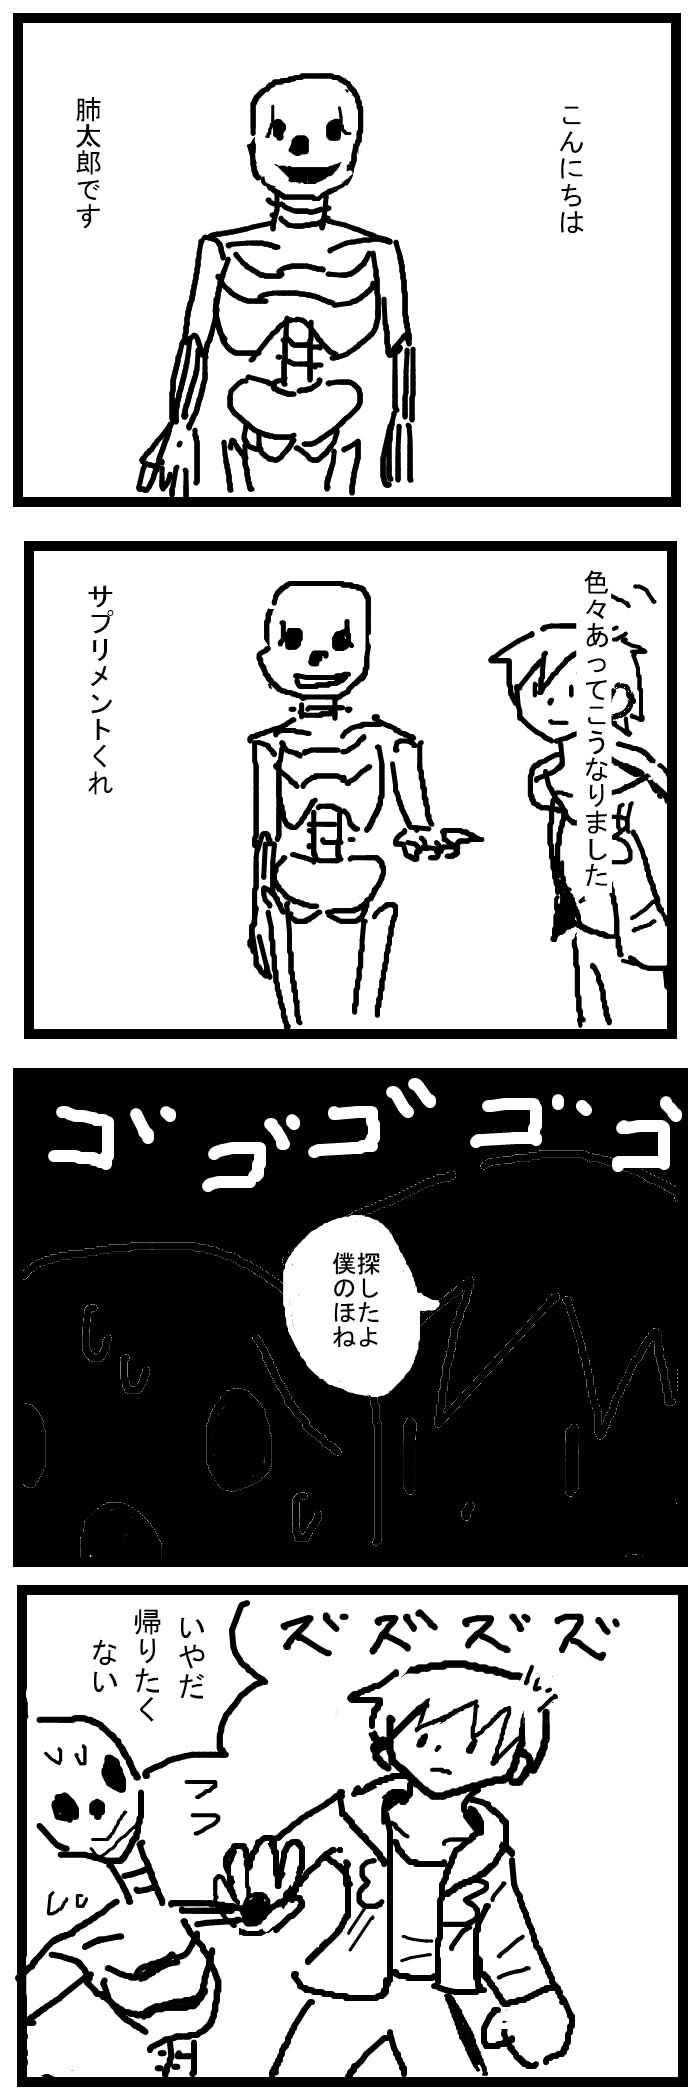 肺太郎6~10話